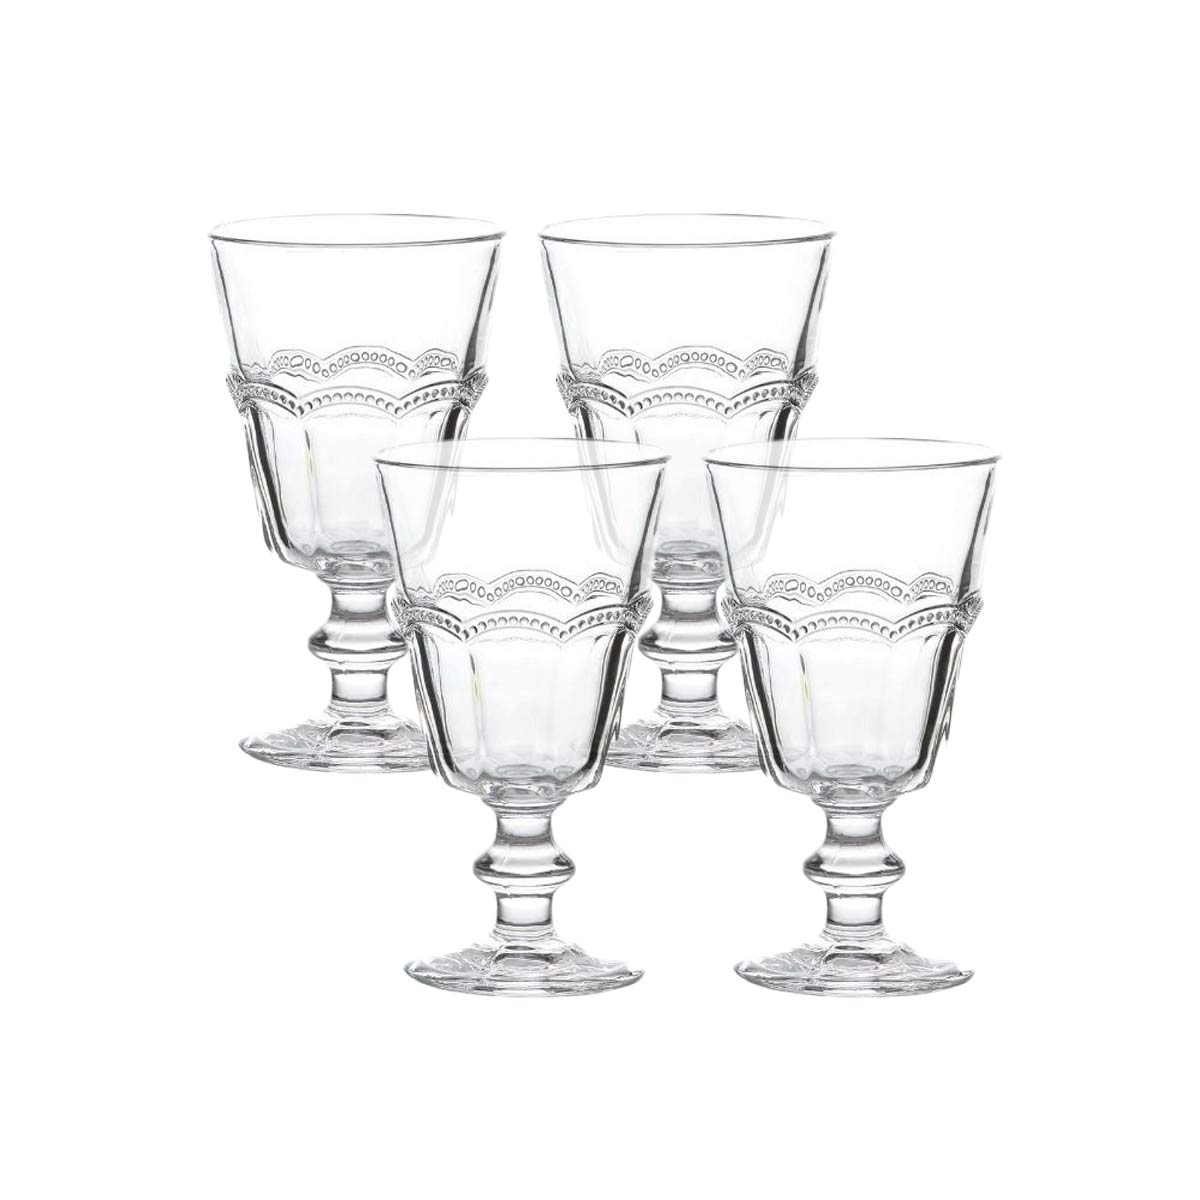 Jogo de 4 Taças para Água de Vidro Belle Epoque 325 ml  - Lemis